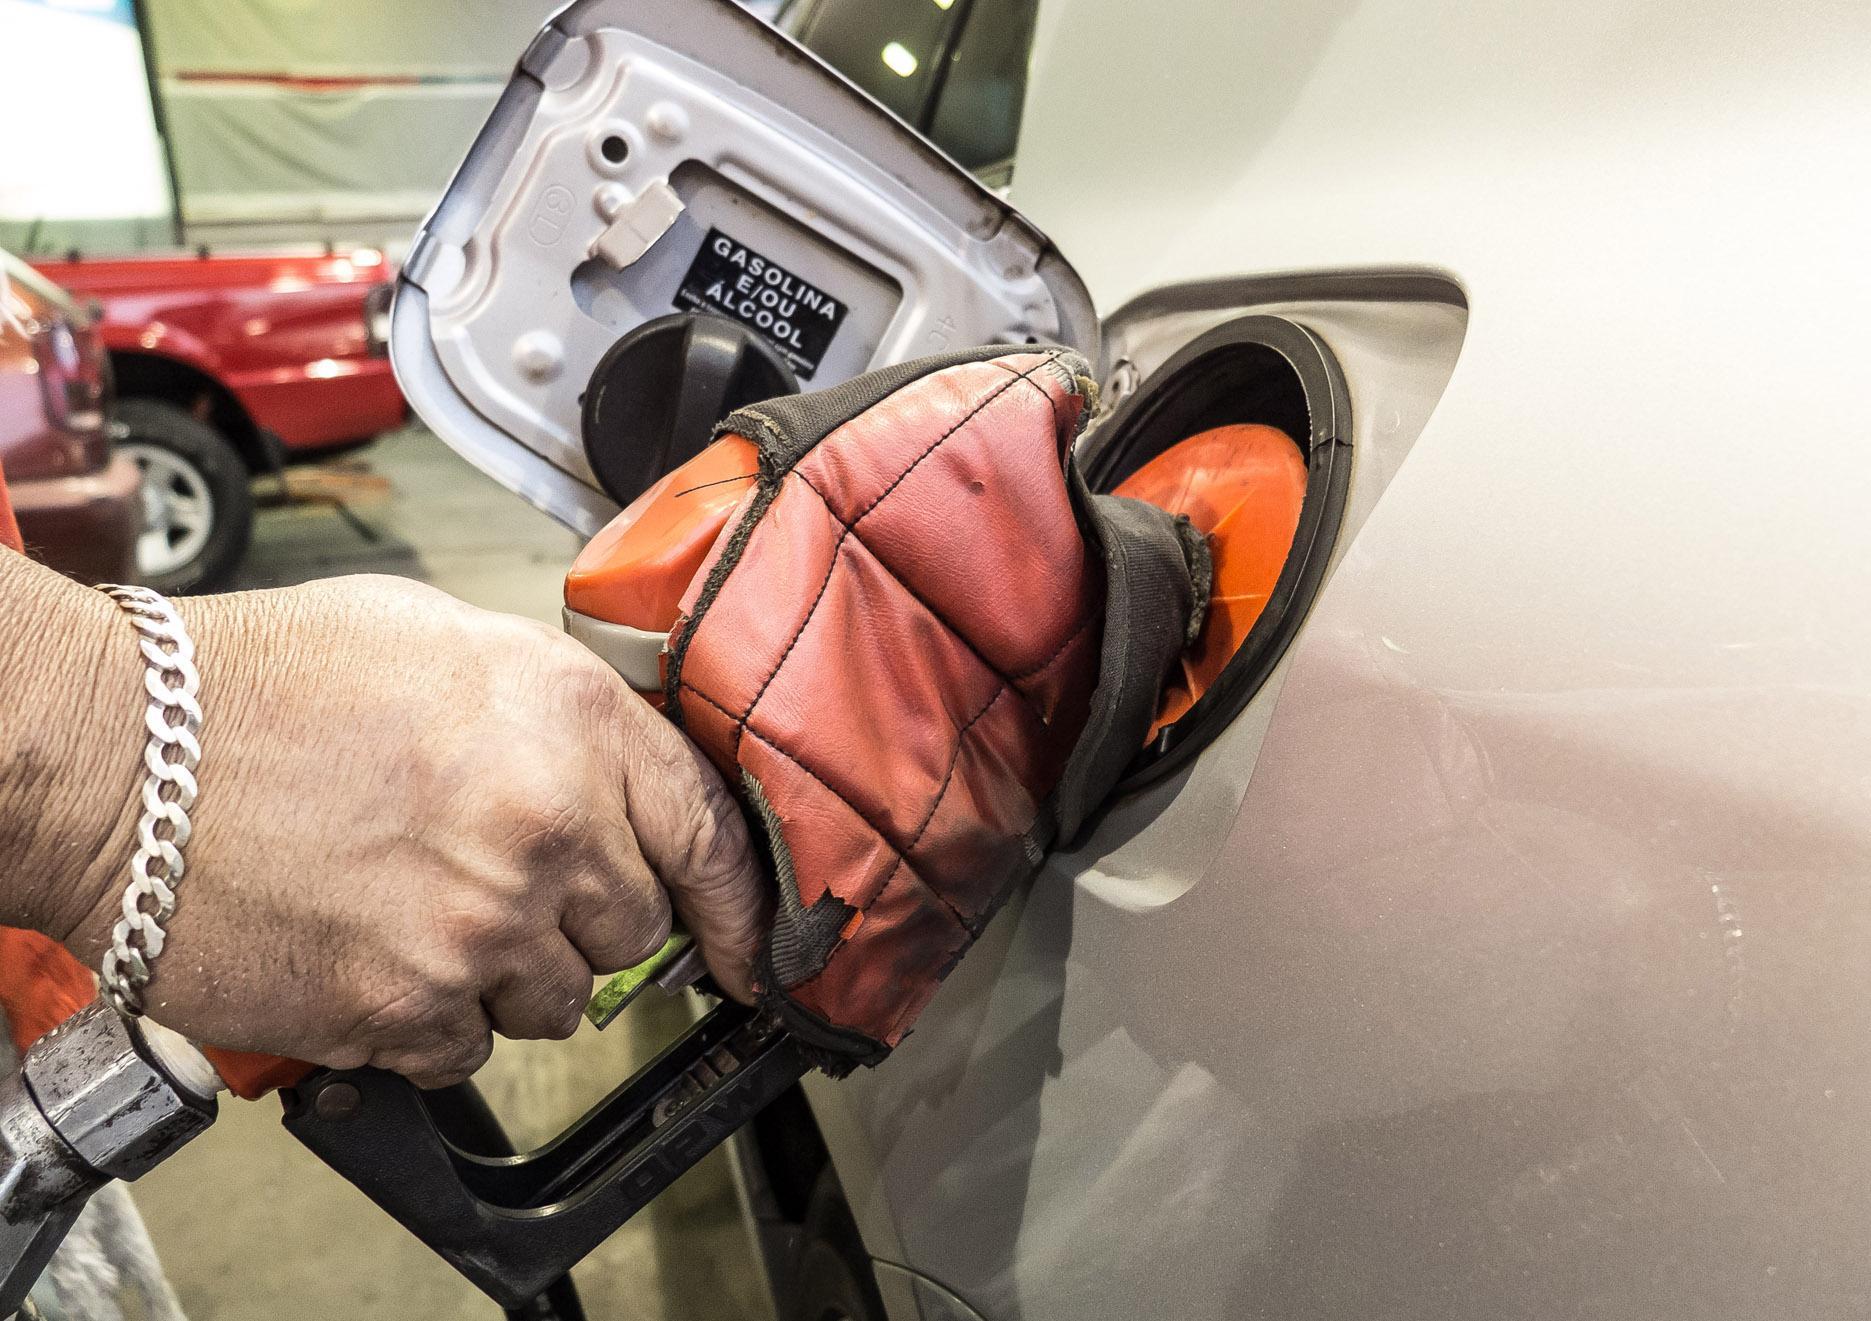 Preço da gasolina disparou neste ano, com reajustes seguidos